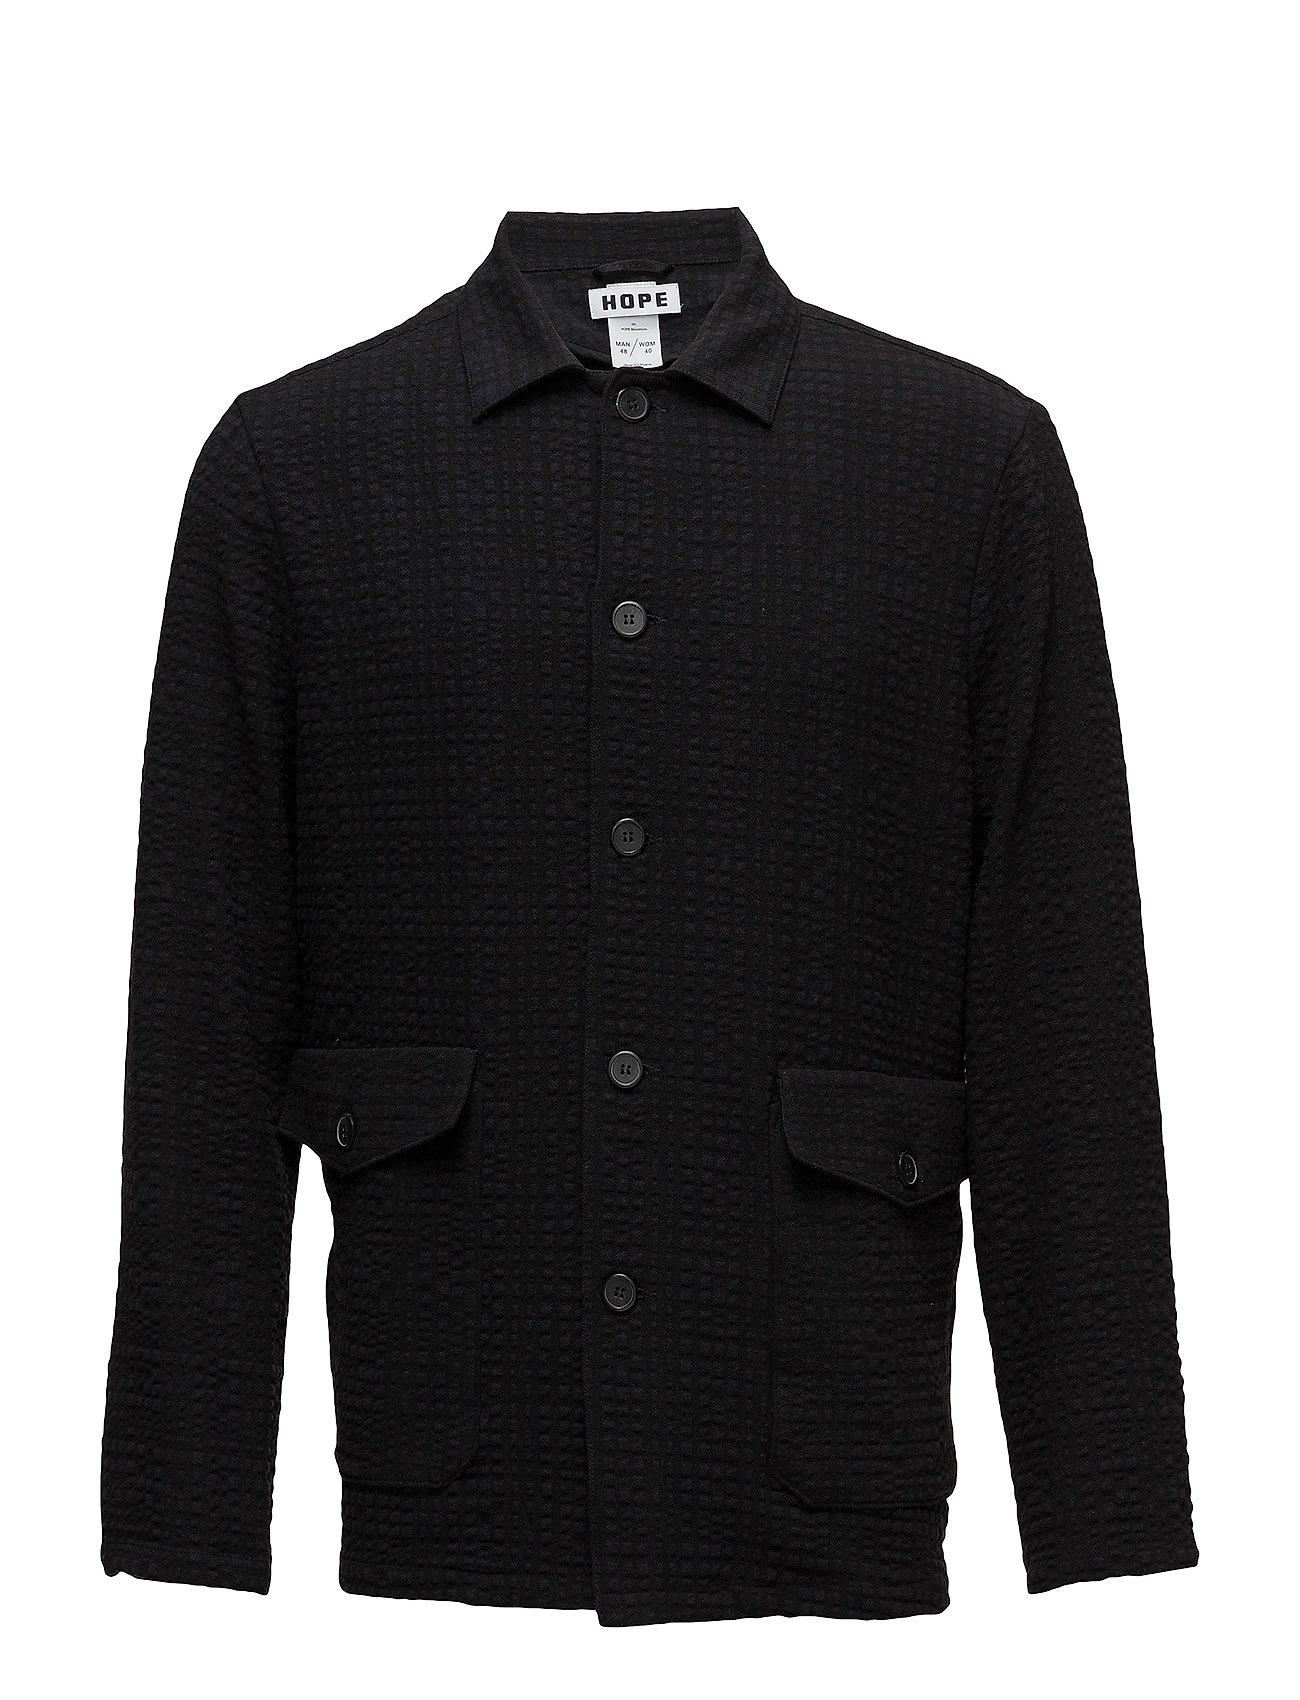 Hope Shirt Jacket - BLACK